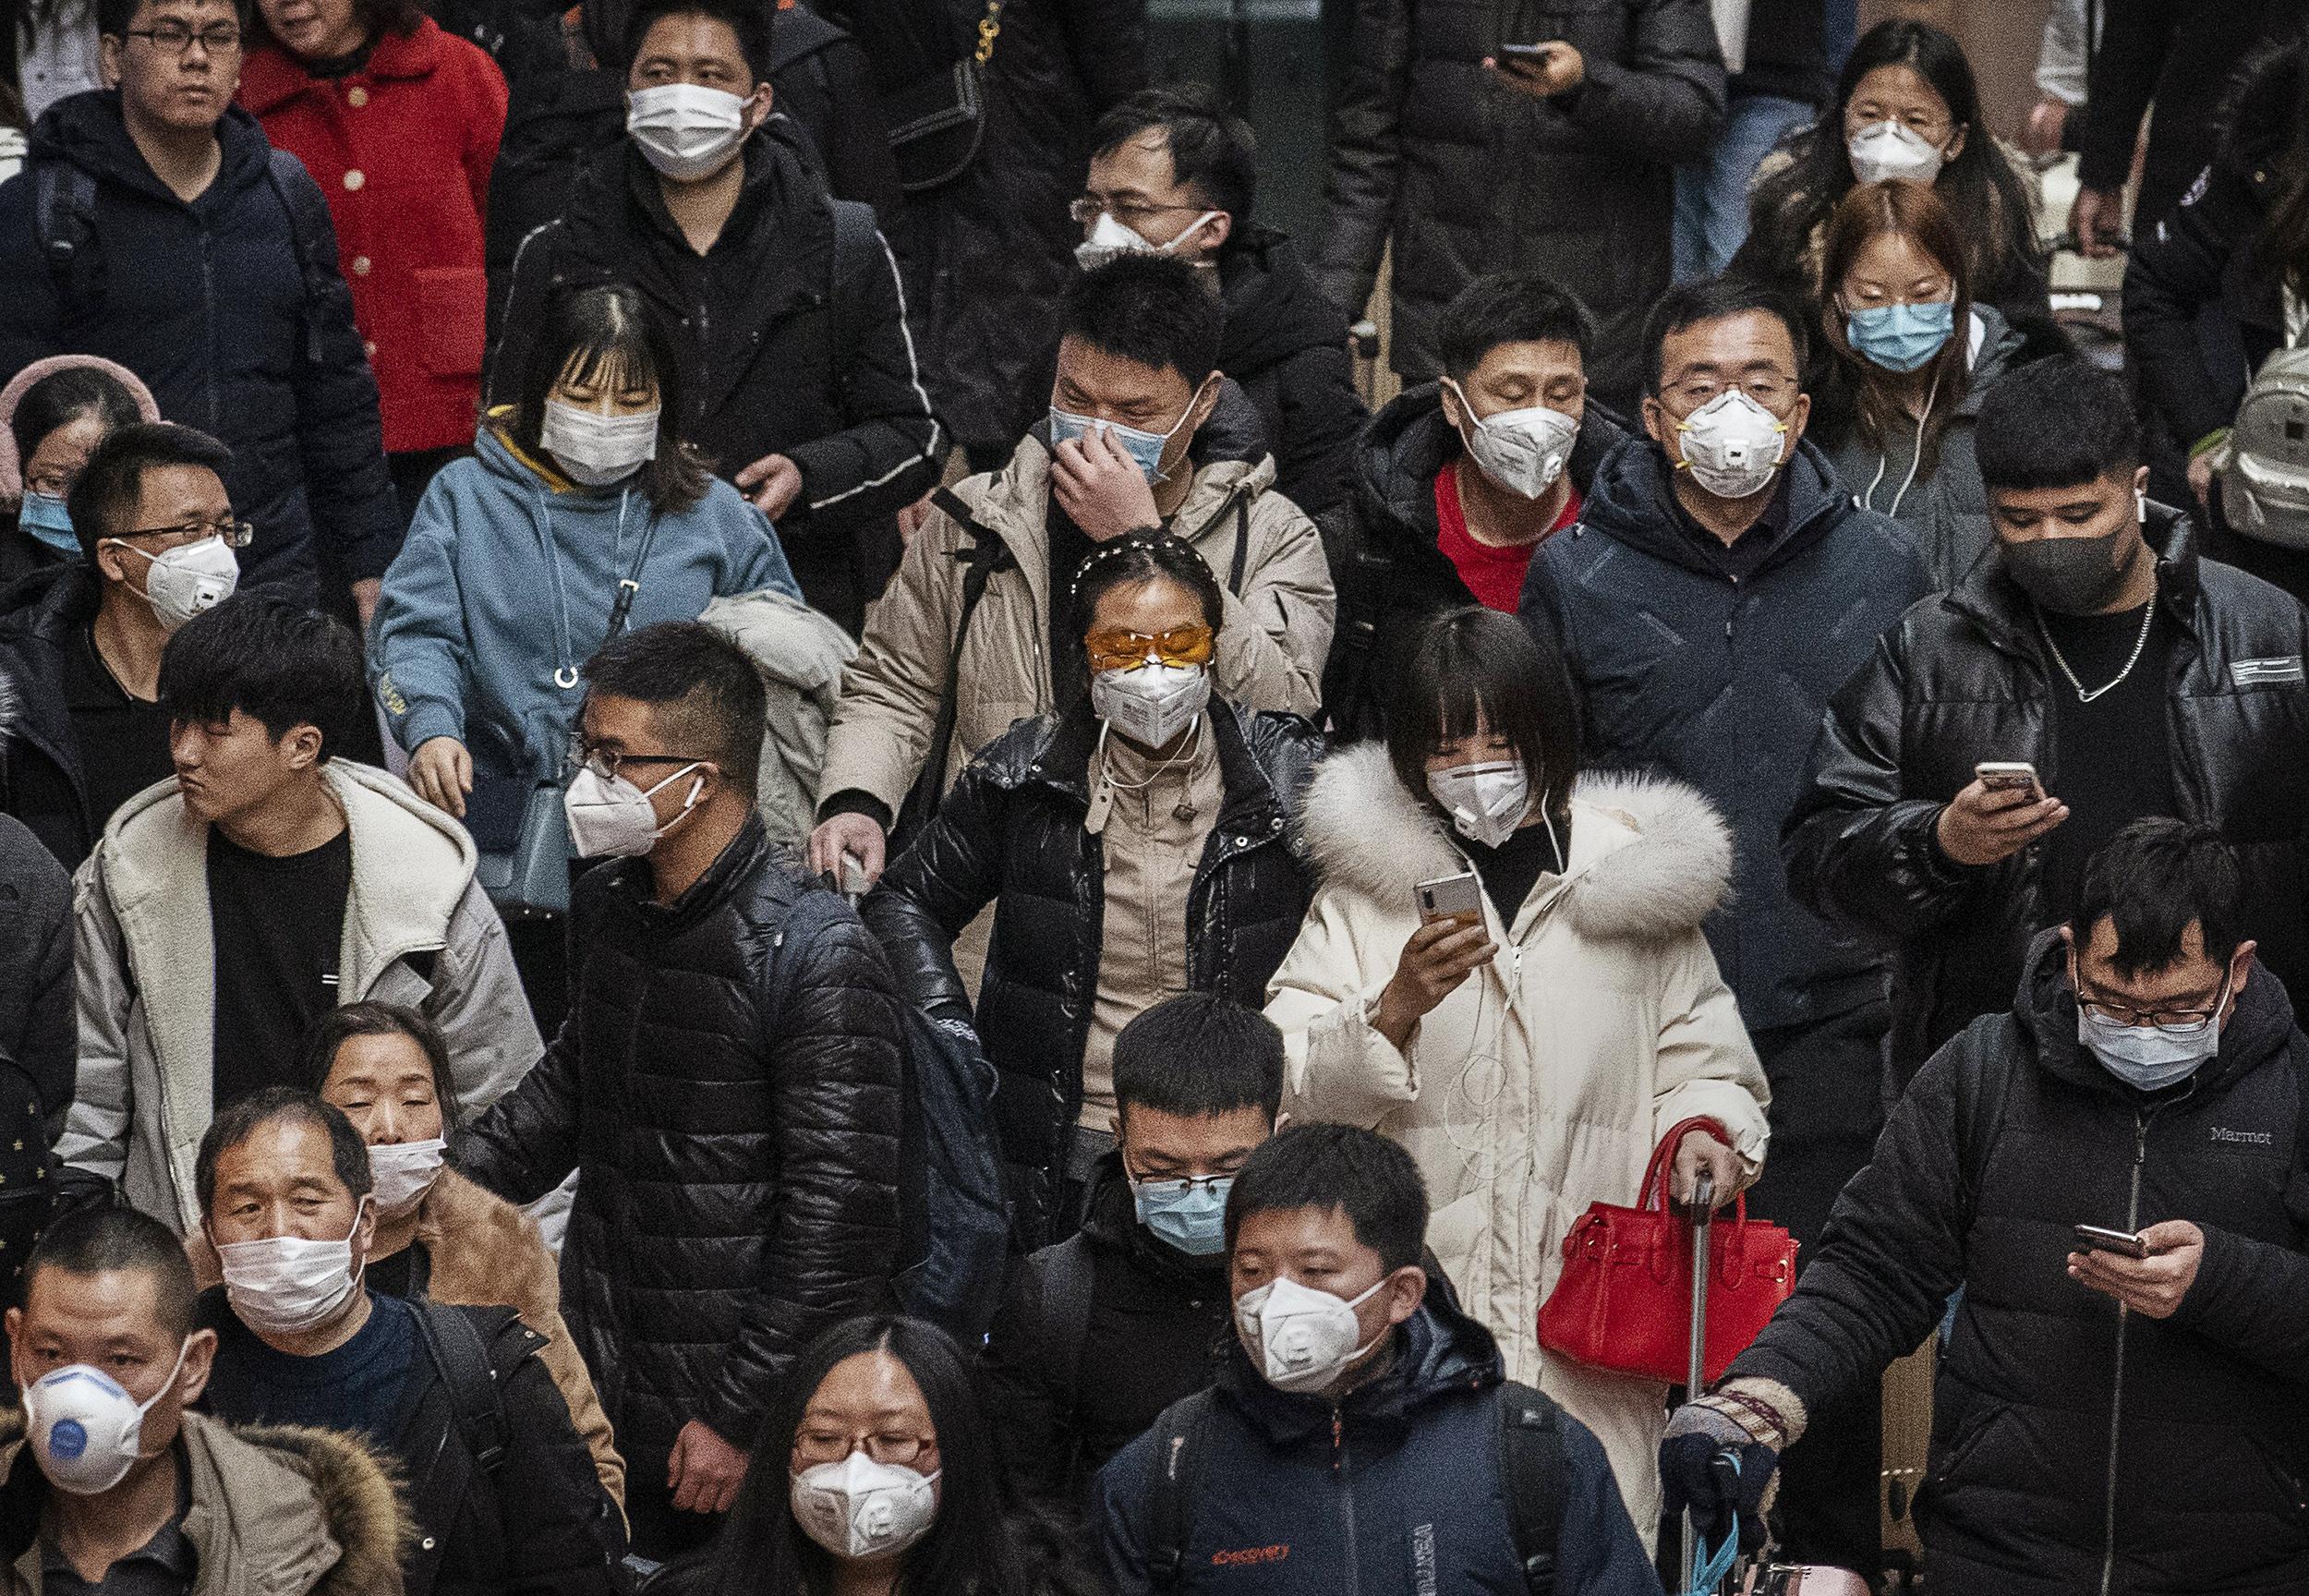 CoronaVirus: Sensibilisation Pendant cette Epidemie! Devoir des Chretiens